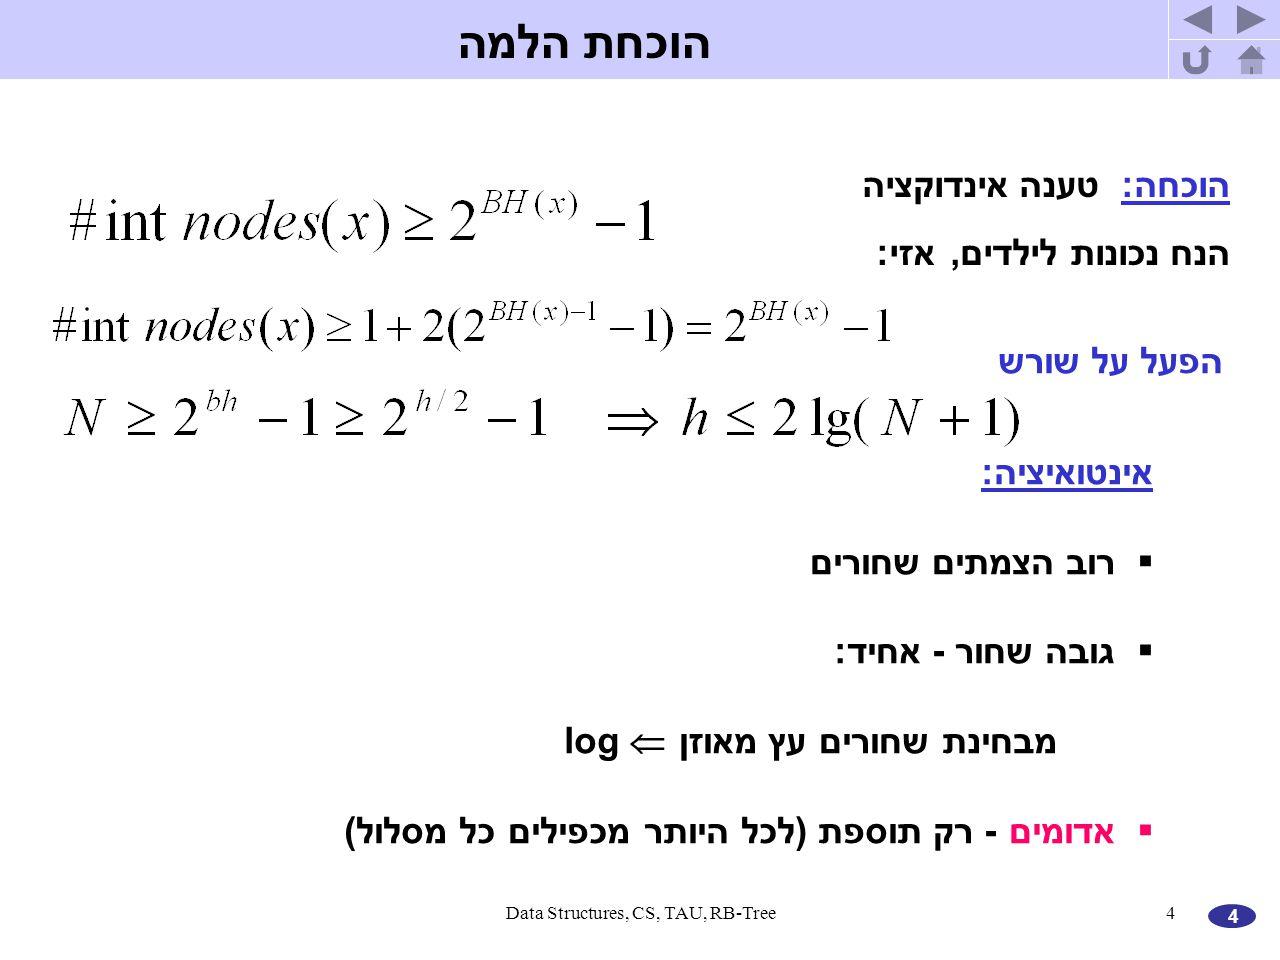 4 Data Structures, CS, TAU, RB-Tree4 אינטואיציה:  רוב הצמתים שחורים  גובה שחור - אחיד: מבחינת שחורים עץ מאוזן  log  אדומים - רק תוספת (לכל היותר מכפילים כל מסלול) הוכחה: טענה אינדוקציה הנח נכונות לילדים, אזי: הוכחת הלמה הפעל על שורש